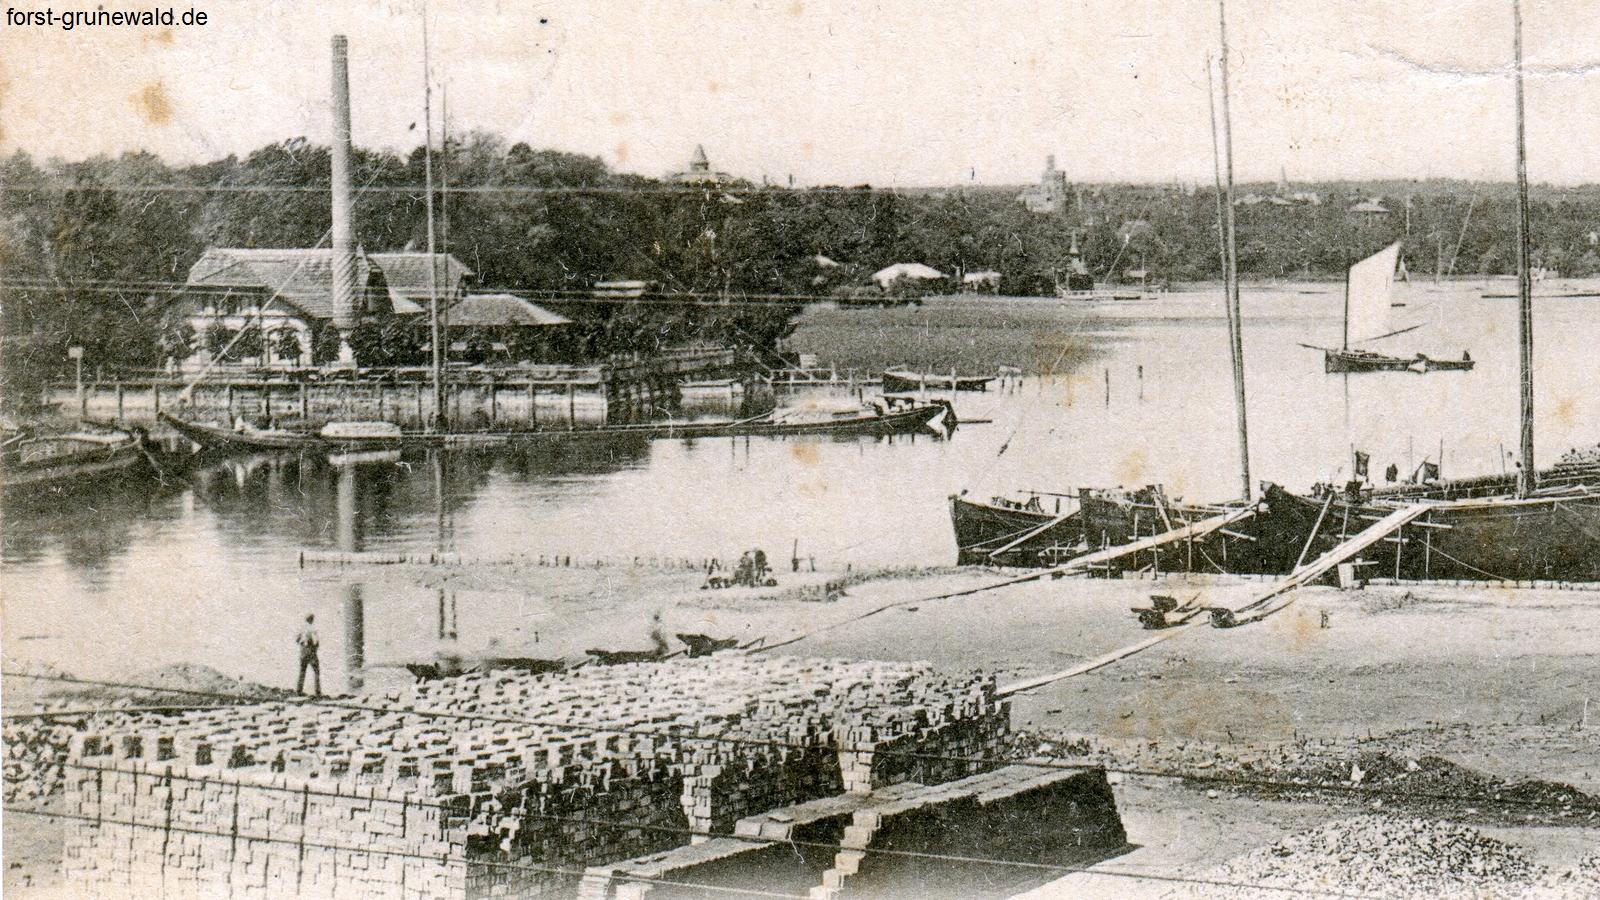 1903-05-15 Wannsee Hafen kleina2